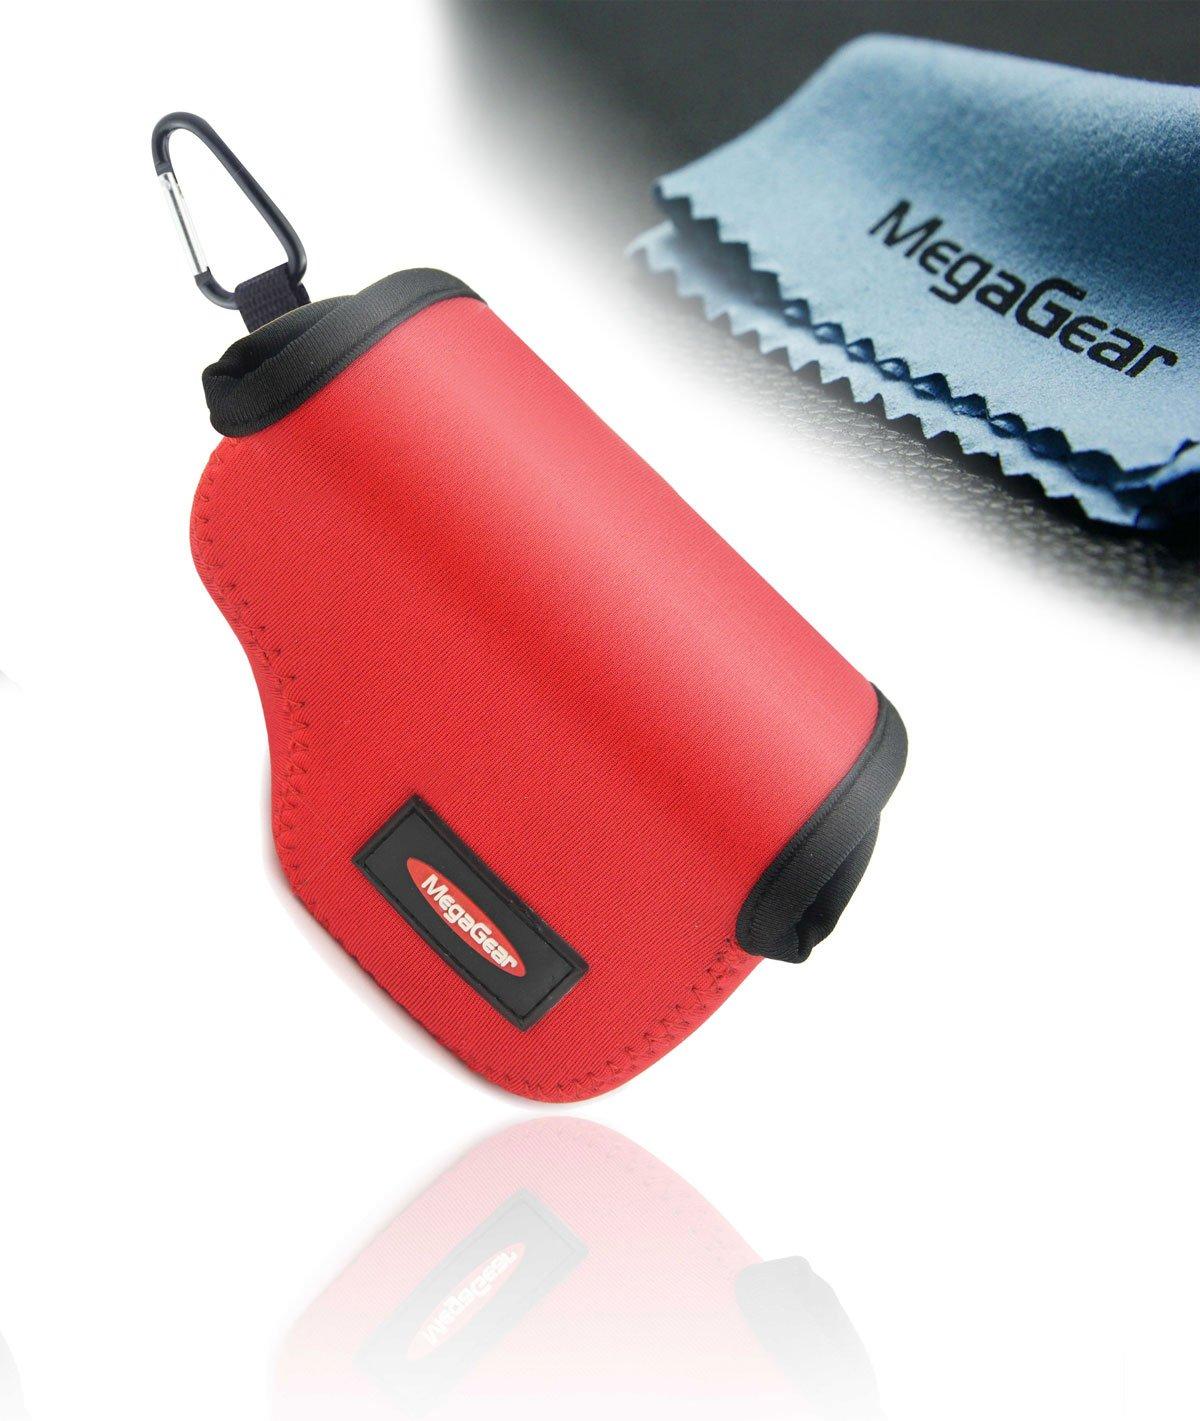 MegaGear Ultra Ligero Funda Bolsa Protector Neopreno Cámaras Réflex Para Sony NEX-5 TL, Sony NEX-5R, Sony NEX-3N, Sony A5000, Sony A5100 con Sony SELP1650 16-50mm (Rojo)  Electrónica Revisión del cliente